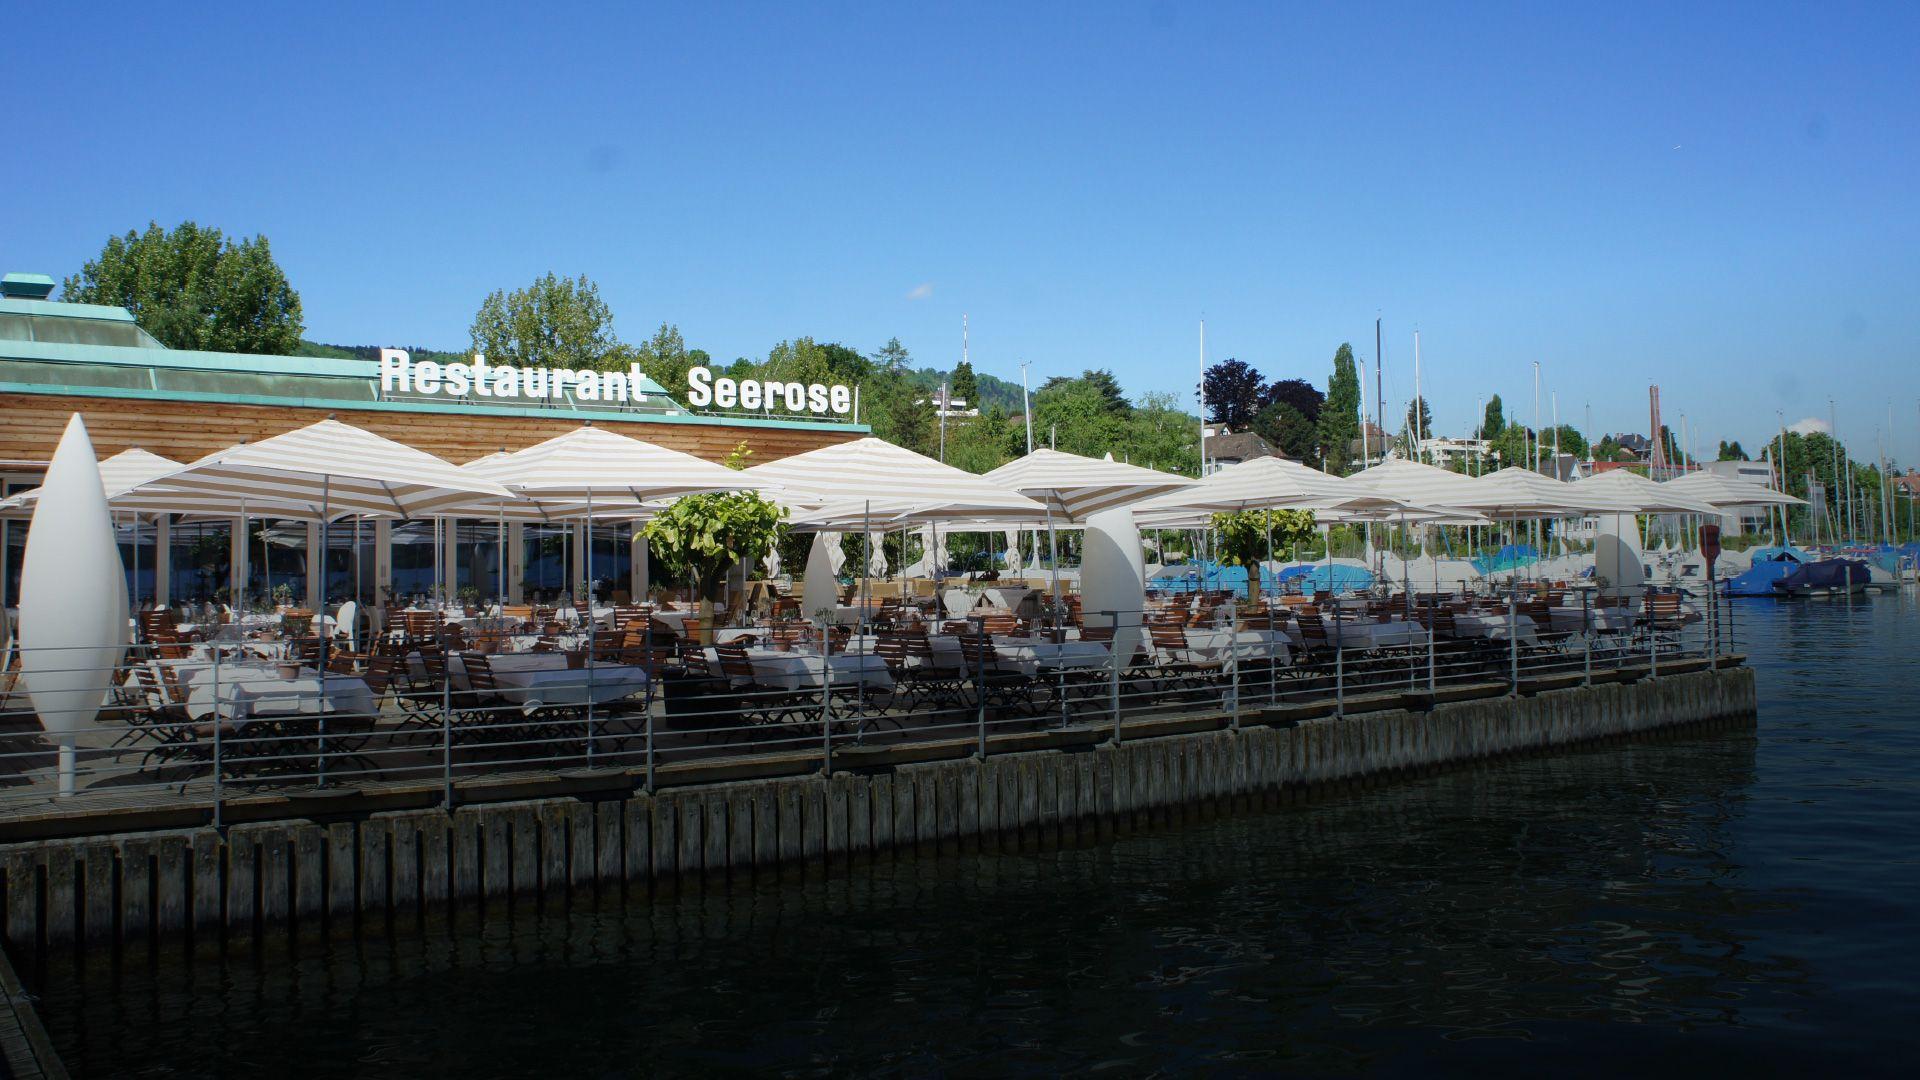 Restaurant Seerose - Einzigartiges Seerestaurant am Zürichsee in Zürich Wollishofen